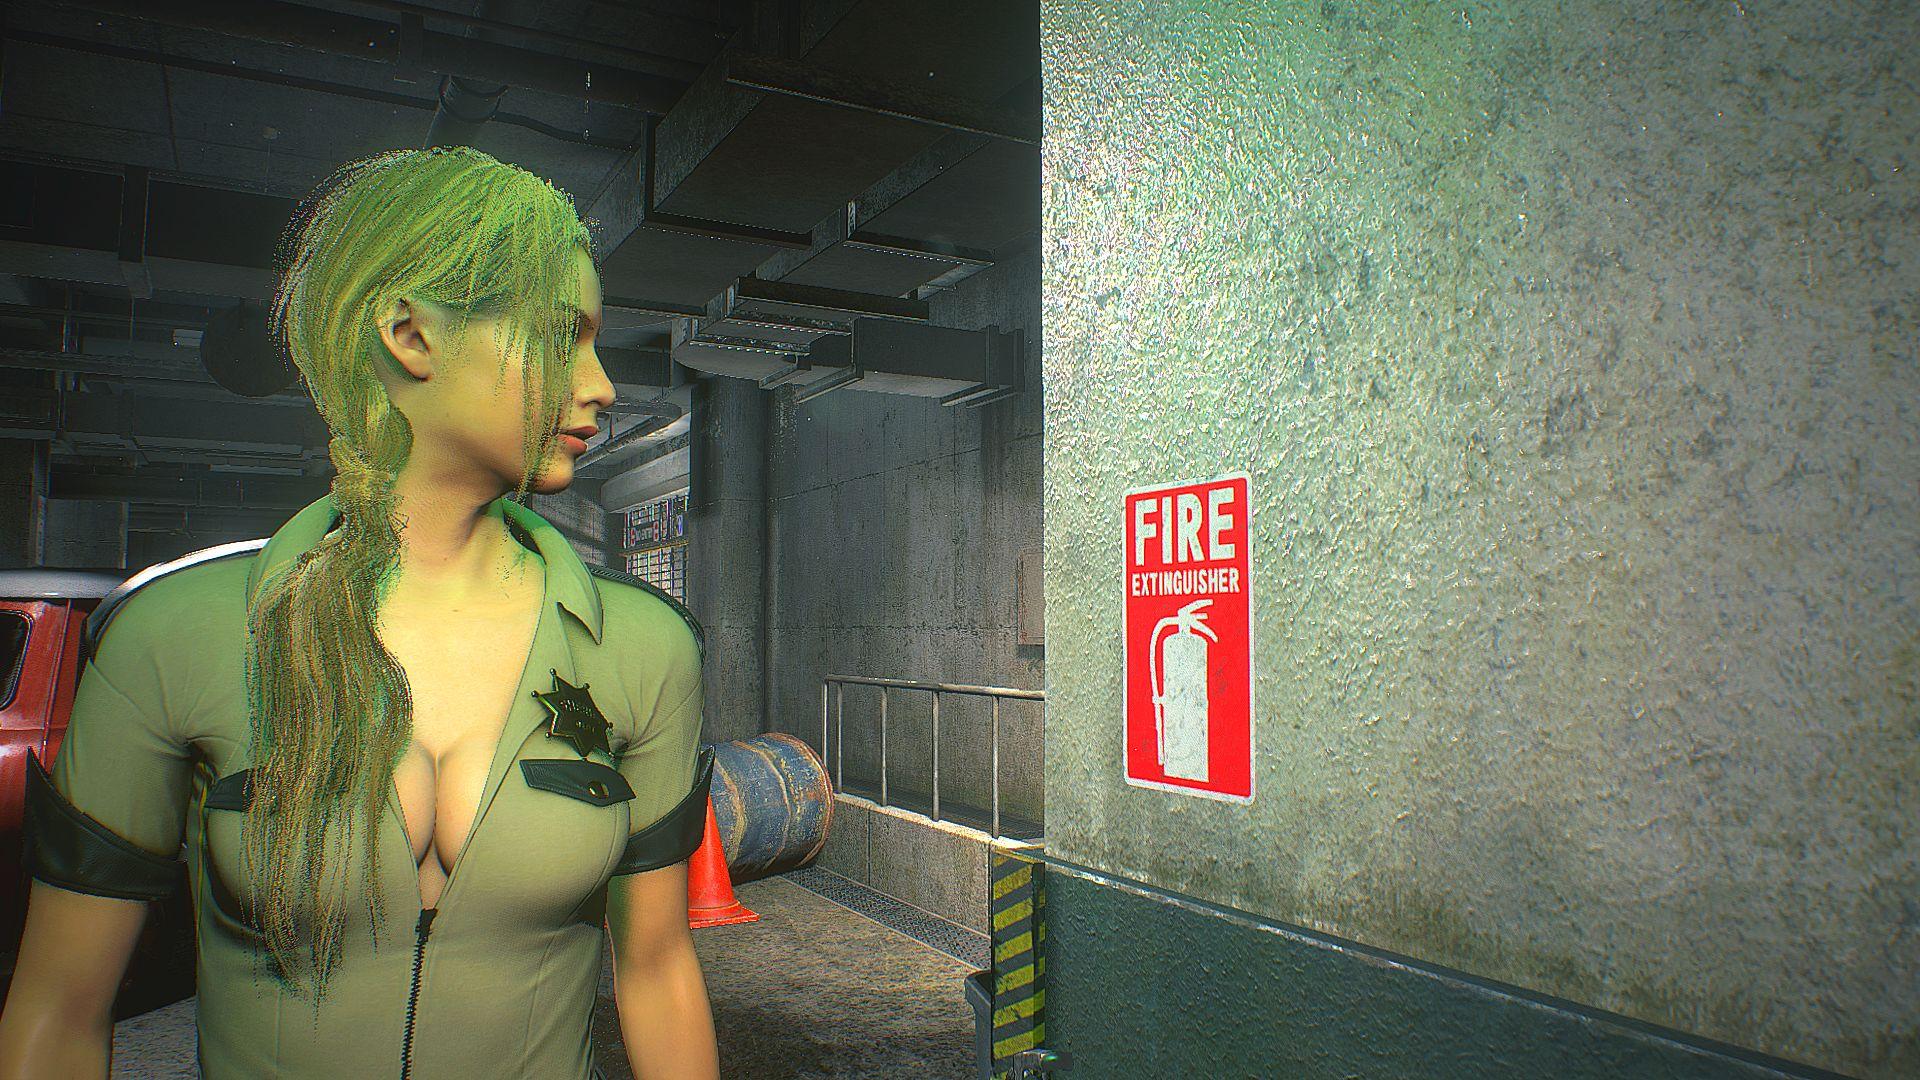 000766.Jpg - Resident Evil 2